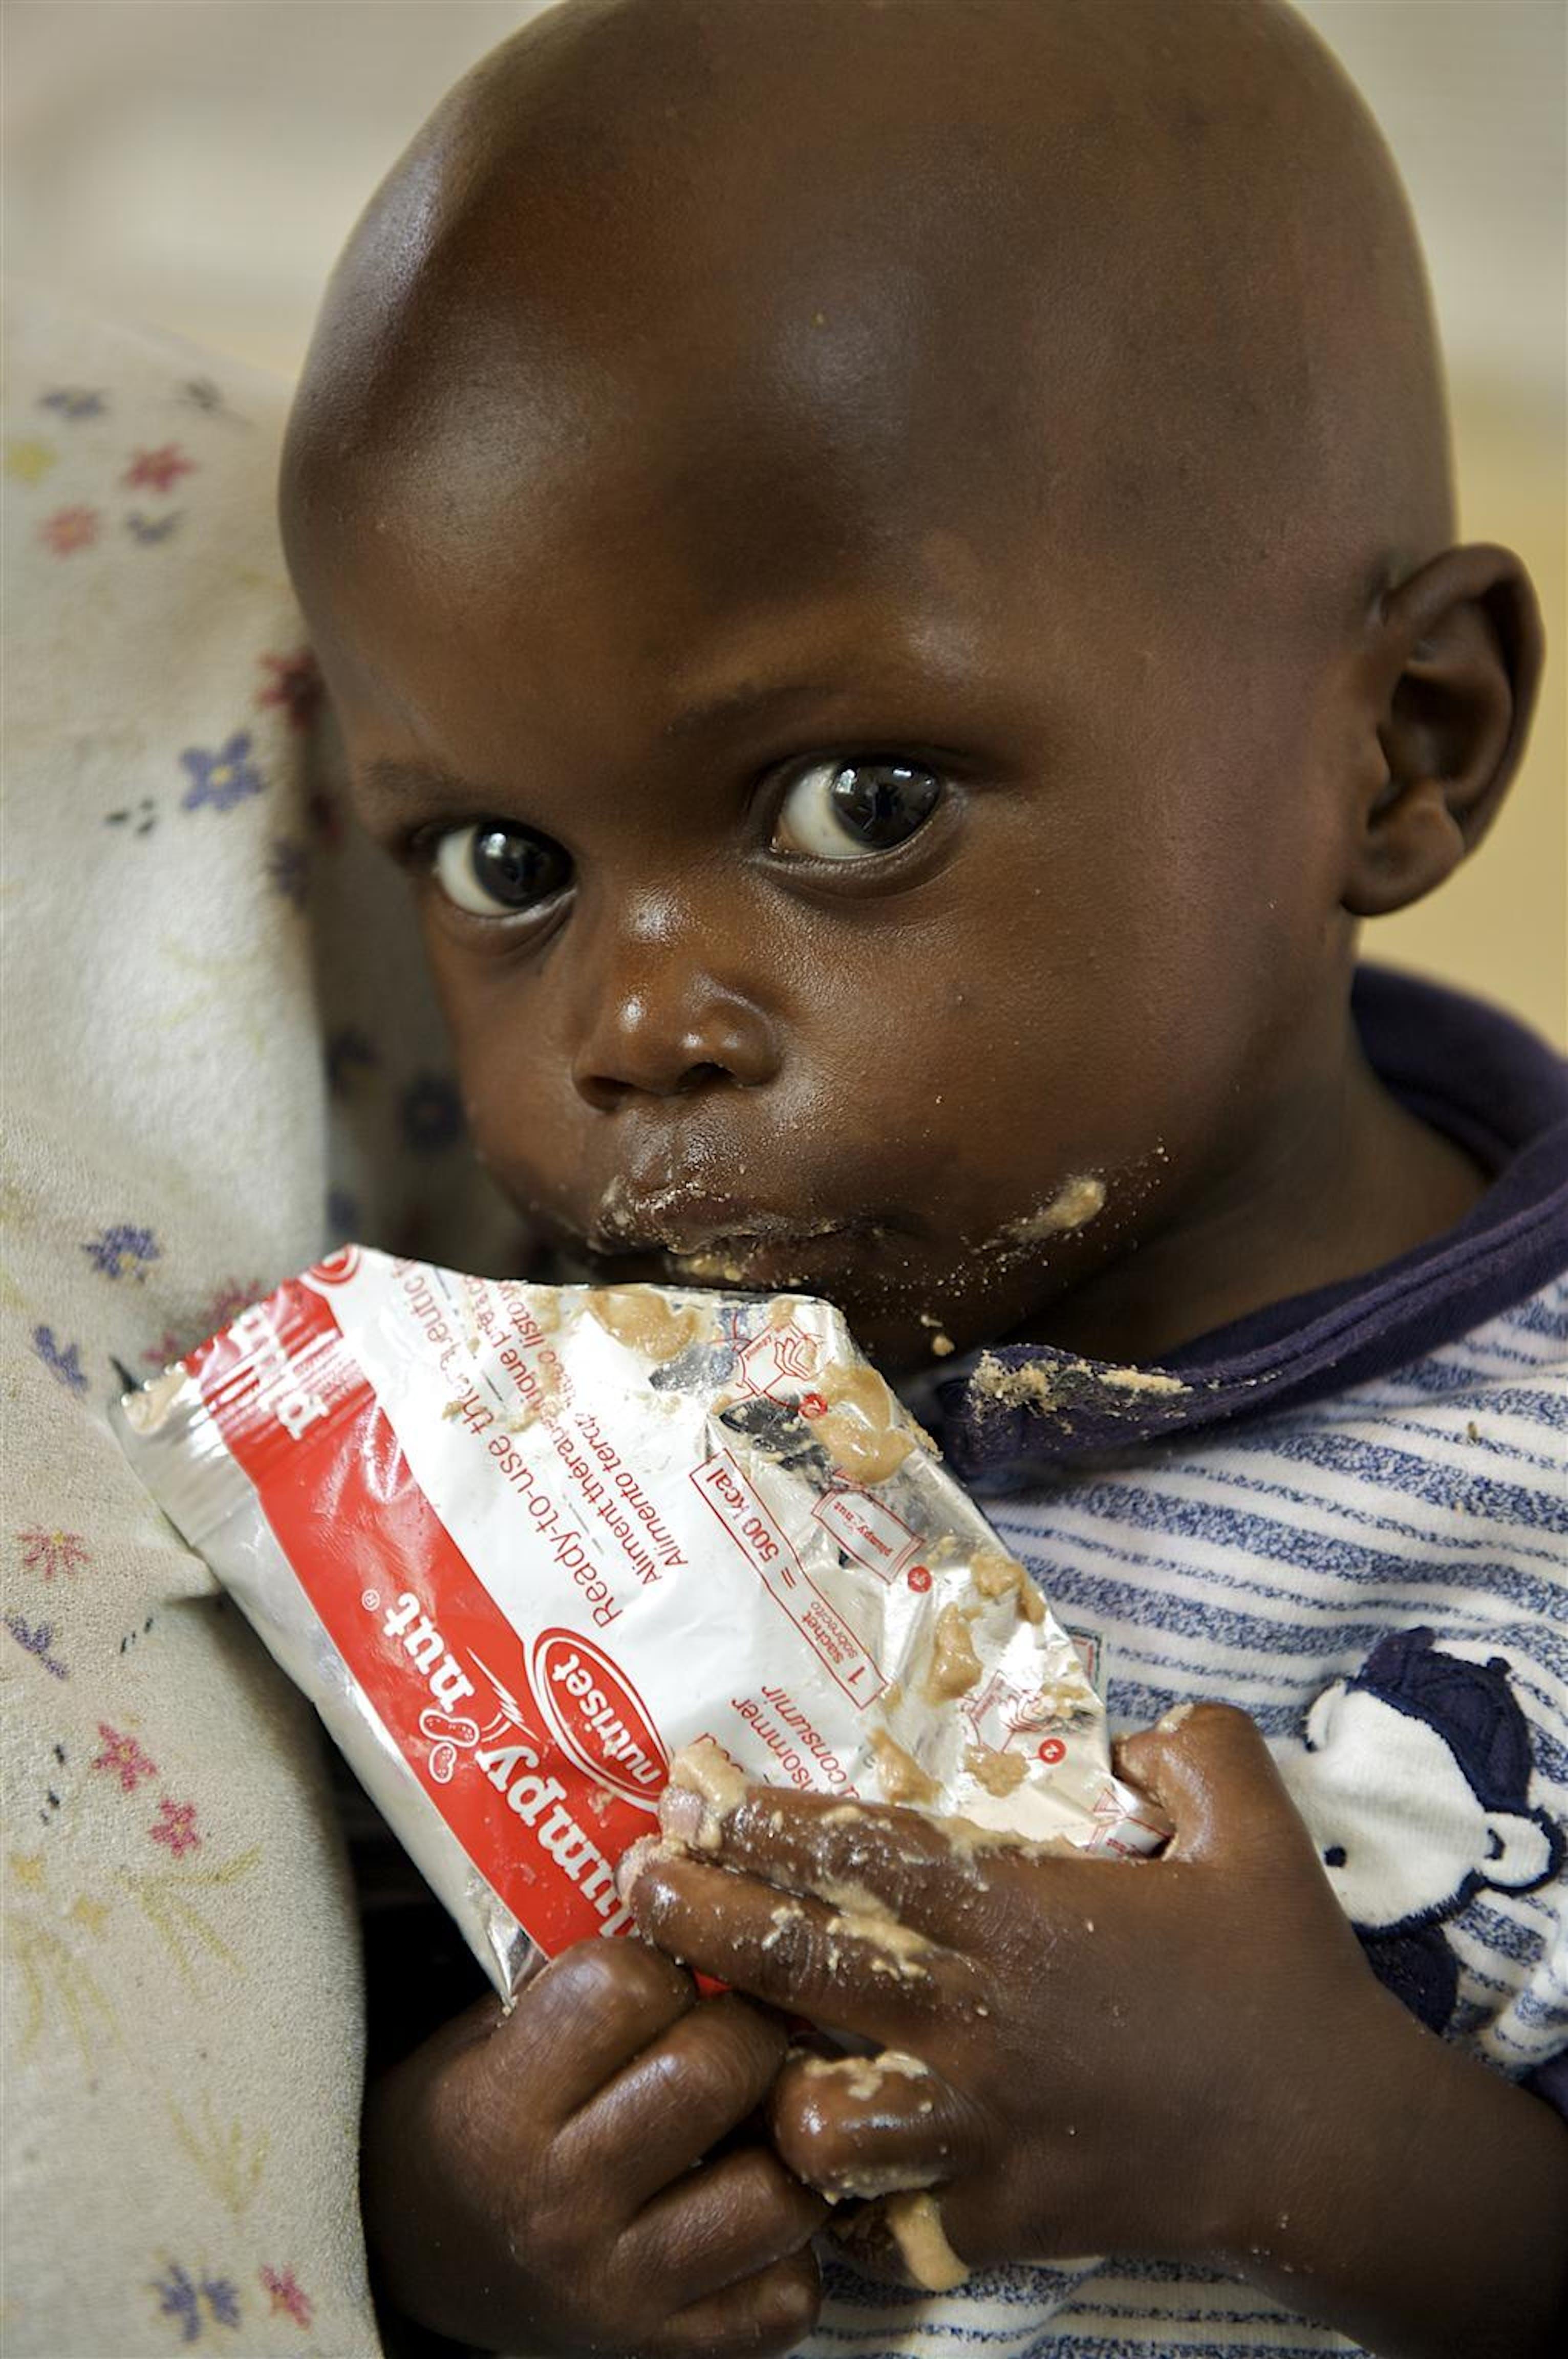 Un bambino con una razione di Plumpynut, alimento terapeutico pronto per l'uso, nel reparto per malnutriti gravi dell'ospedale di Arua (Uganda) - ©UNICEF/HQ2010-1521/S.Noorani